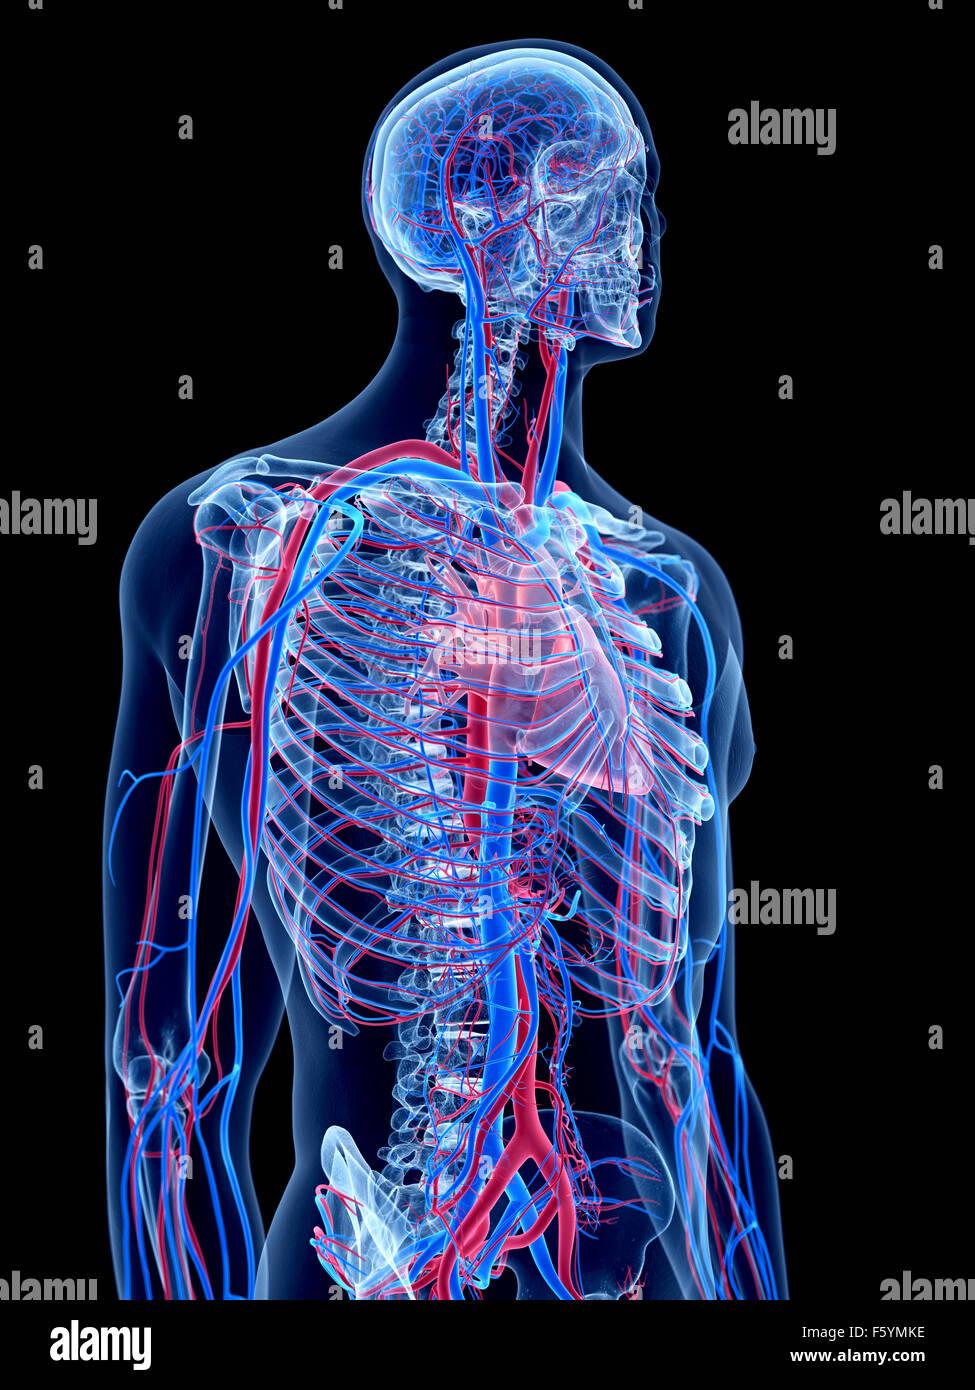 das menschliche Gefäßsystem - thorax Stockfoto, Bild: 89734050 - Alamy